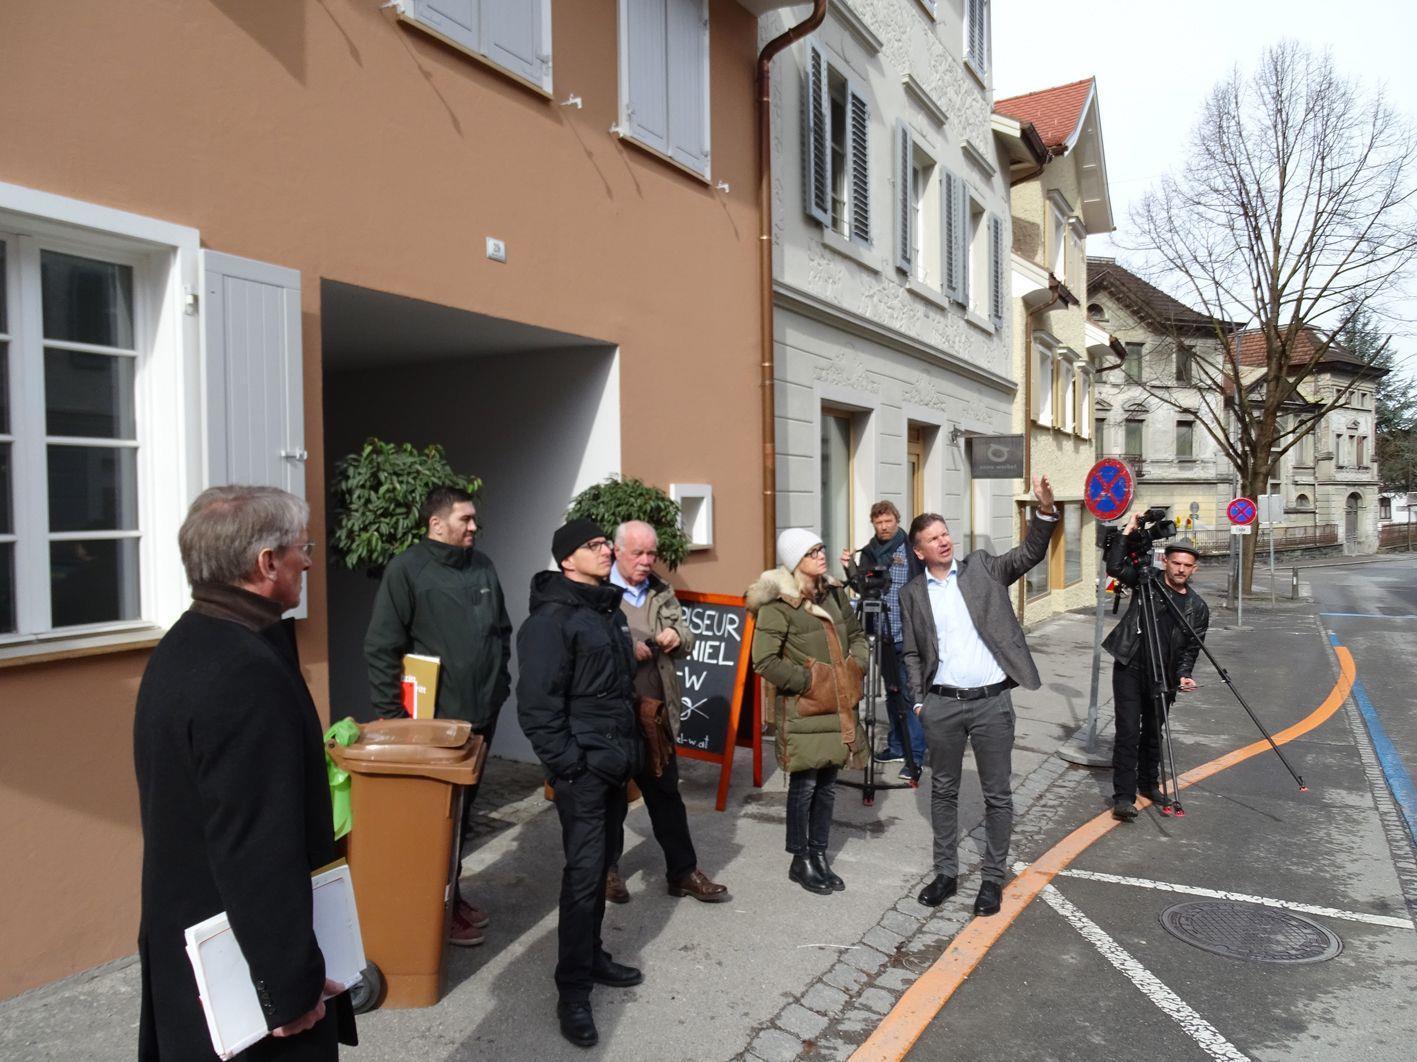 Markus Schadenbauer-Lacha erläuterte seine neuen Projekte in der Hohenemser Innenstadt.